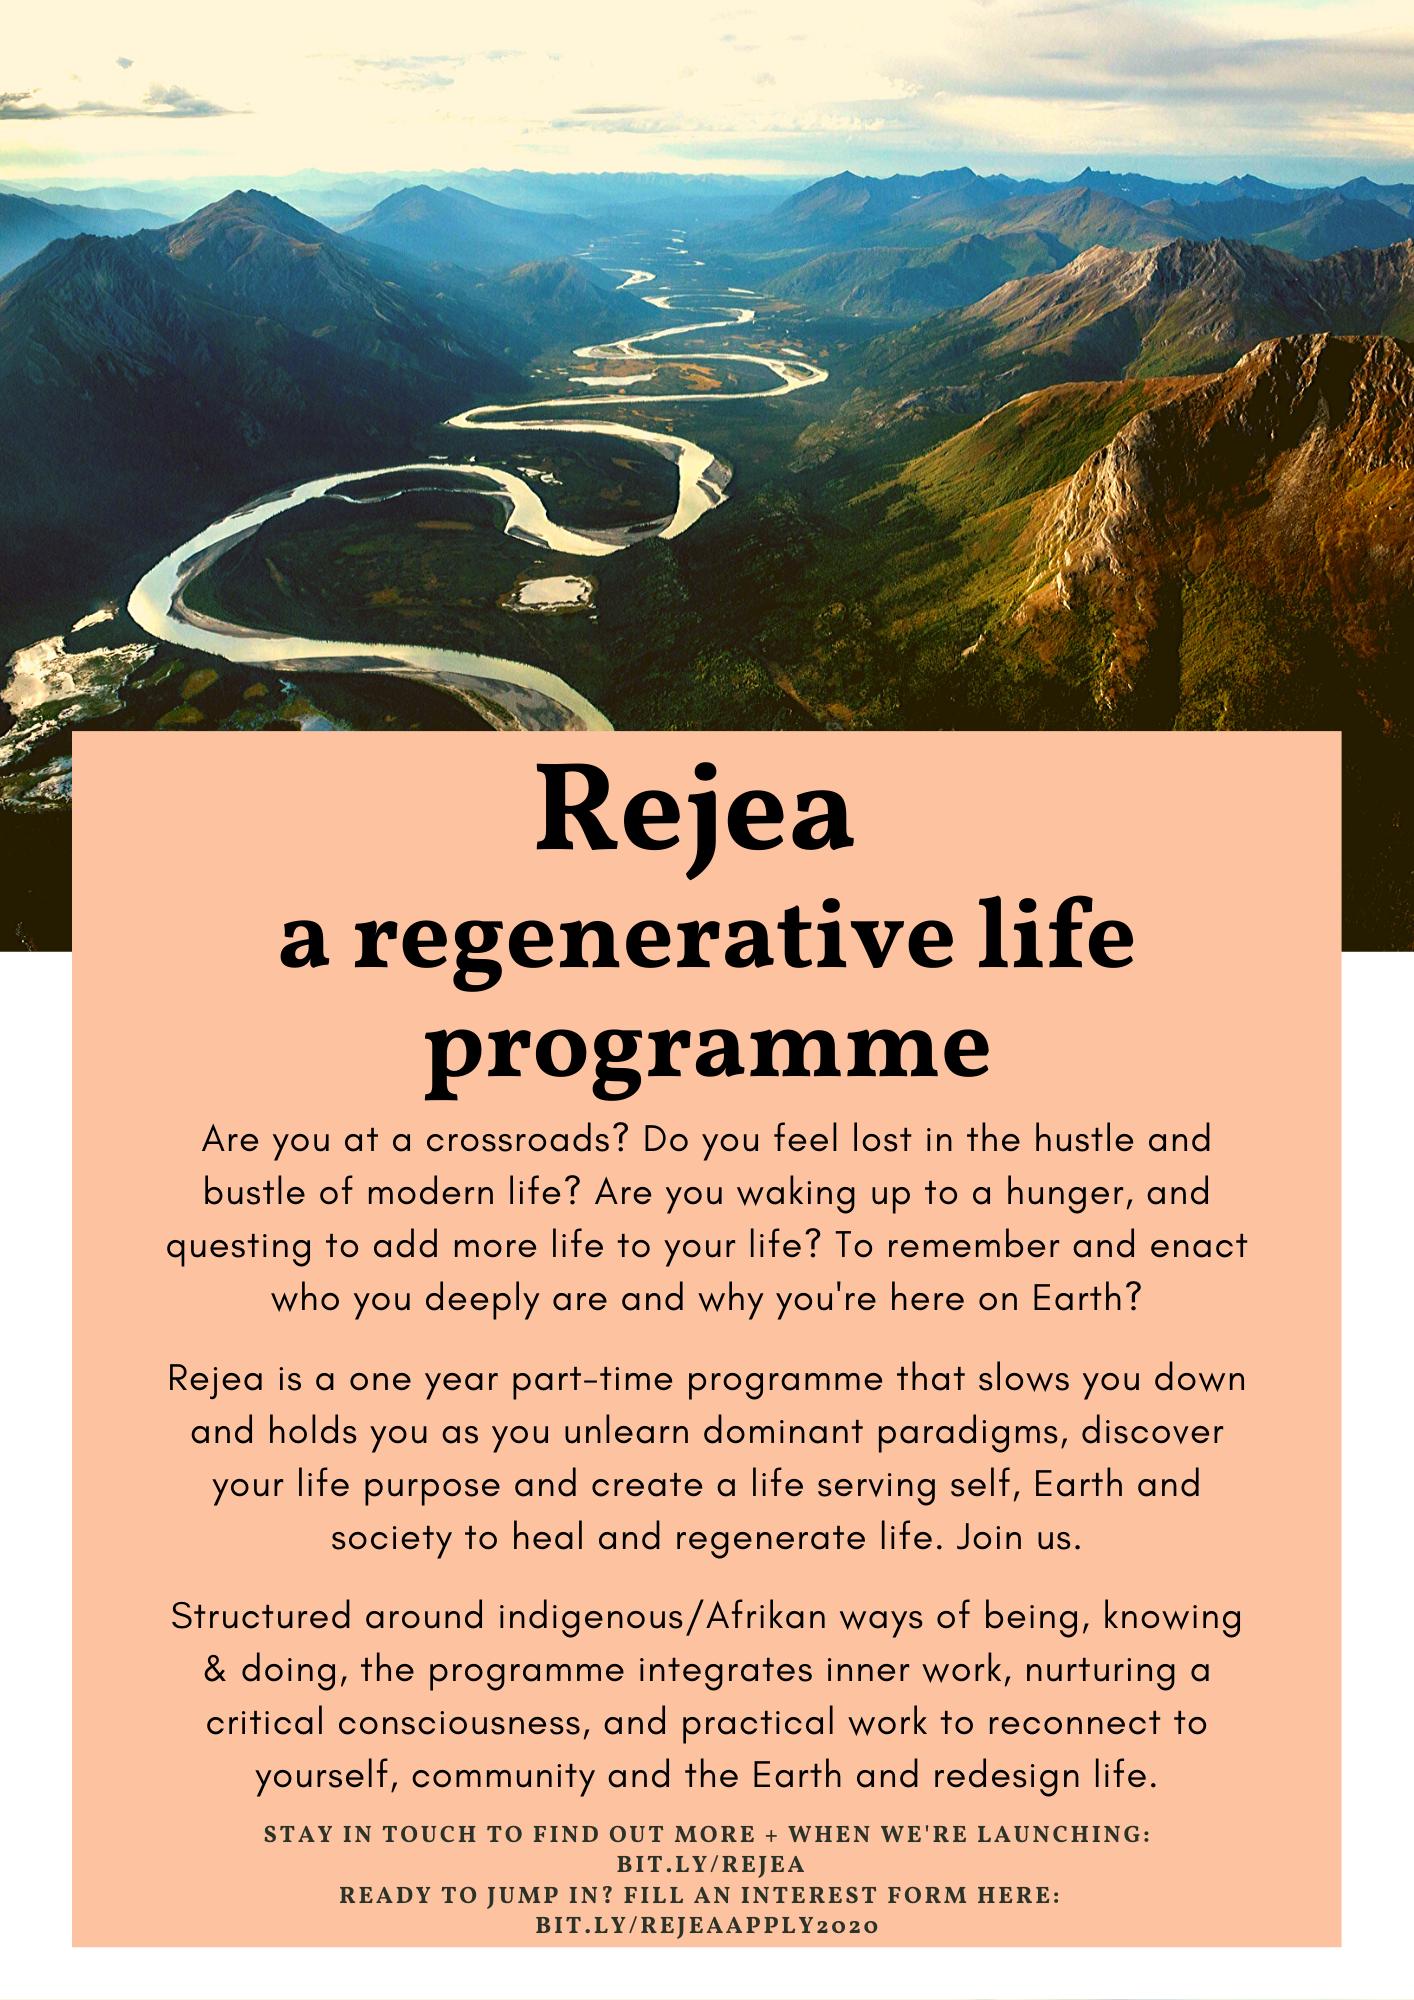 rejea regenerative life programme